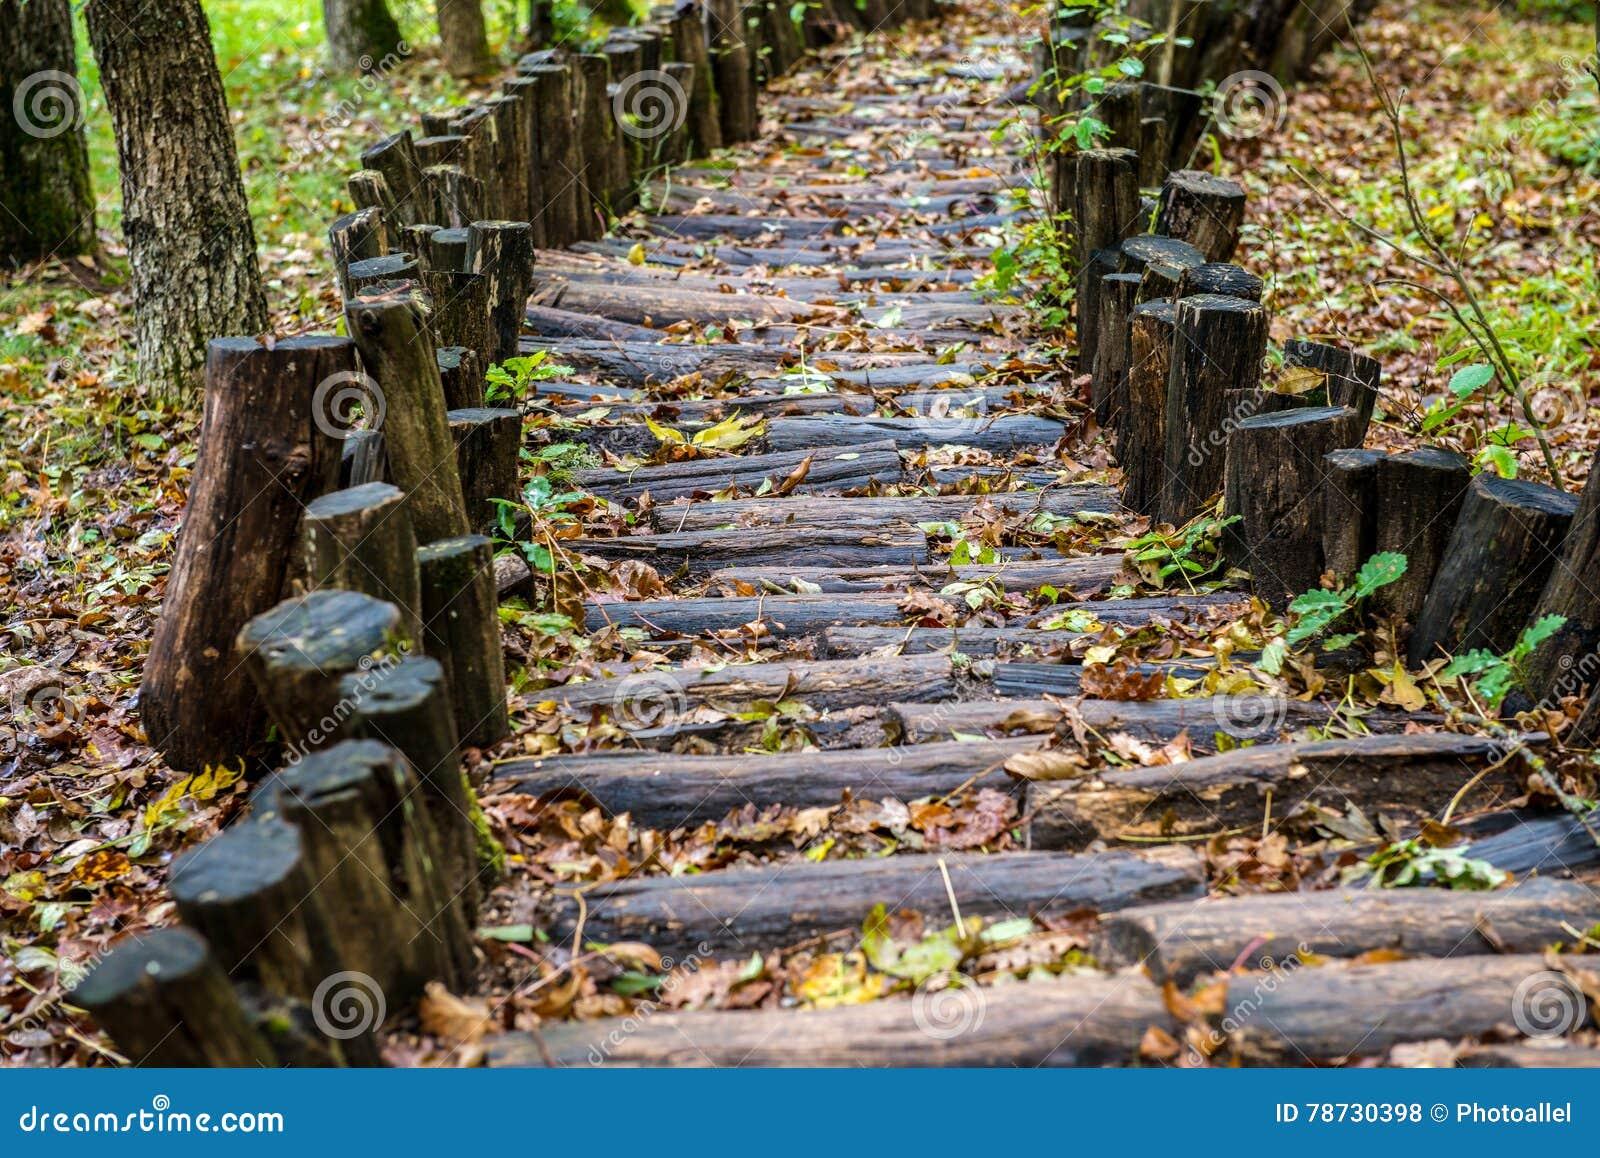 Trävandringsled i skogen som behandlar foten